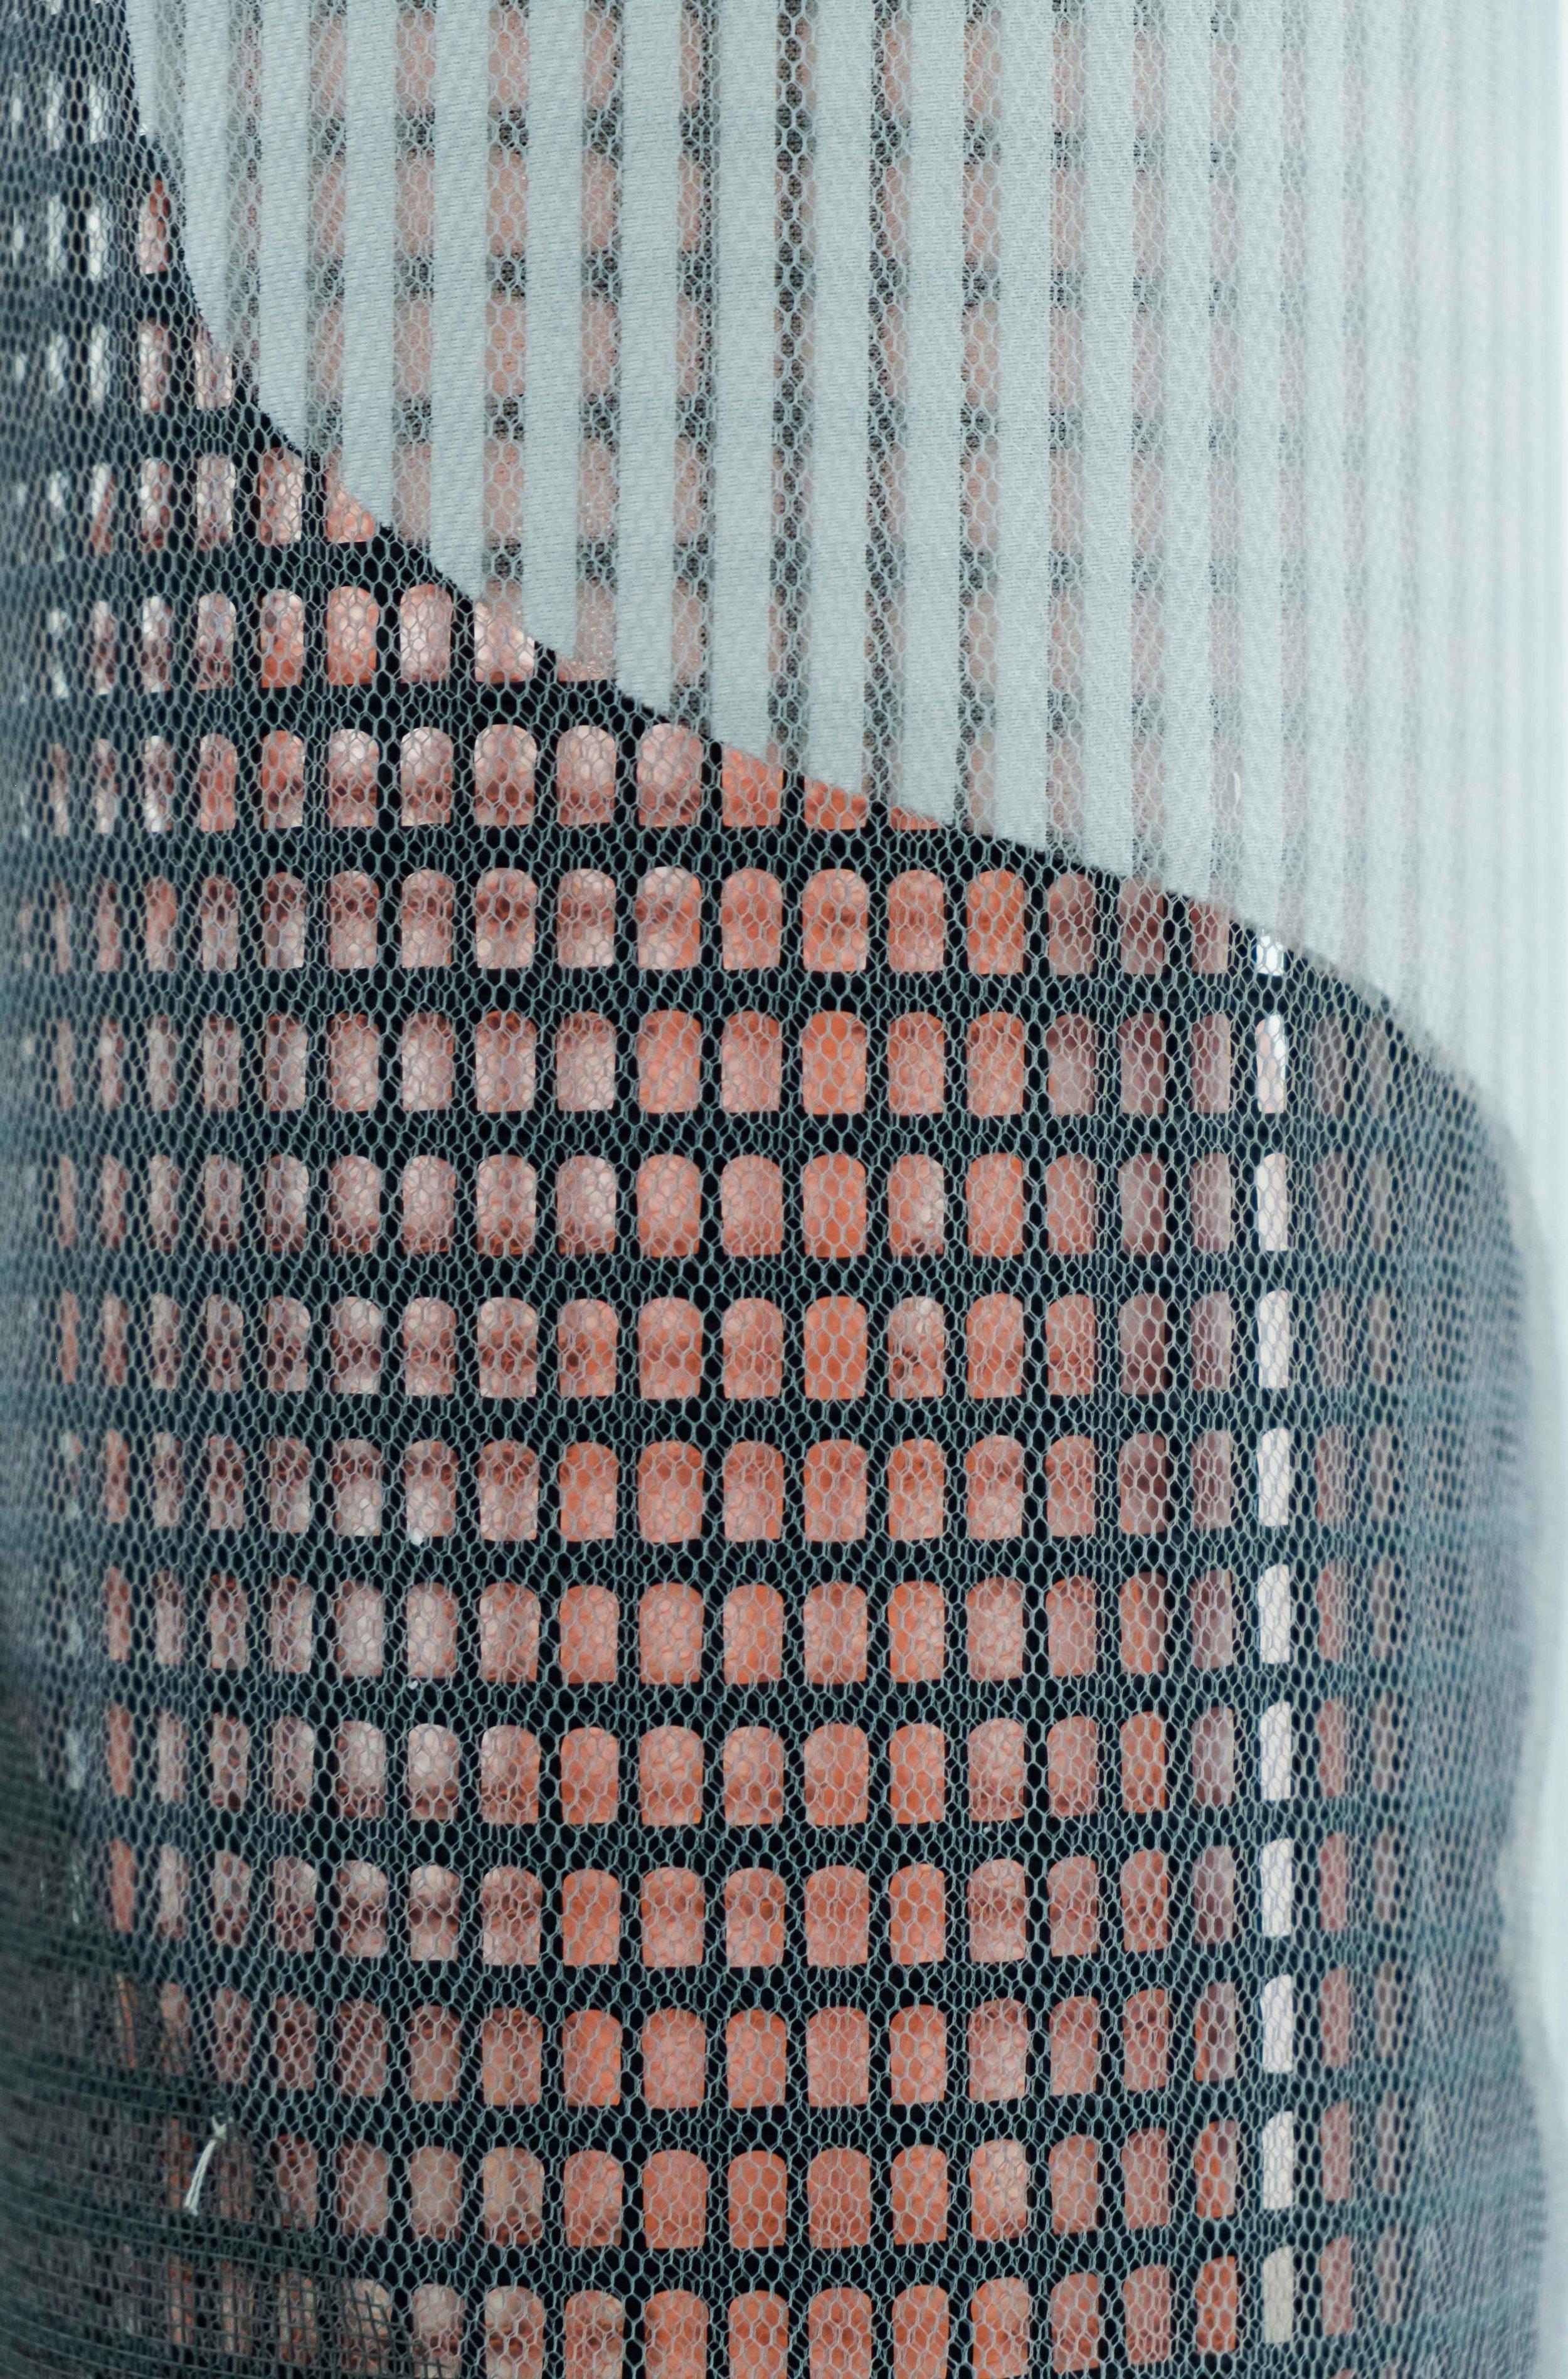 Pillar-as-Nest-detail-3-for-web.jpg